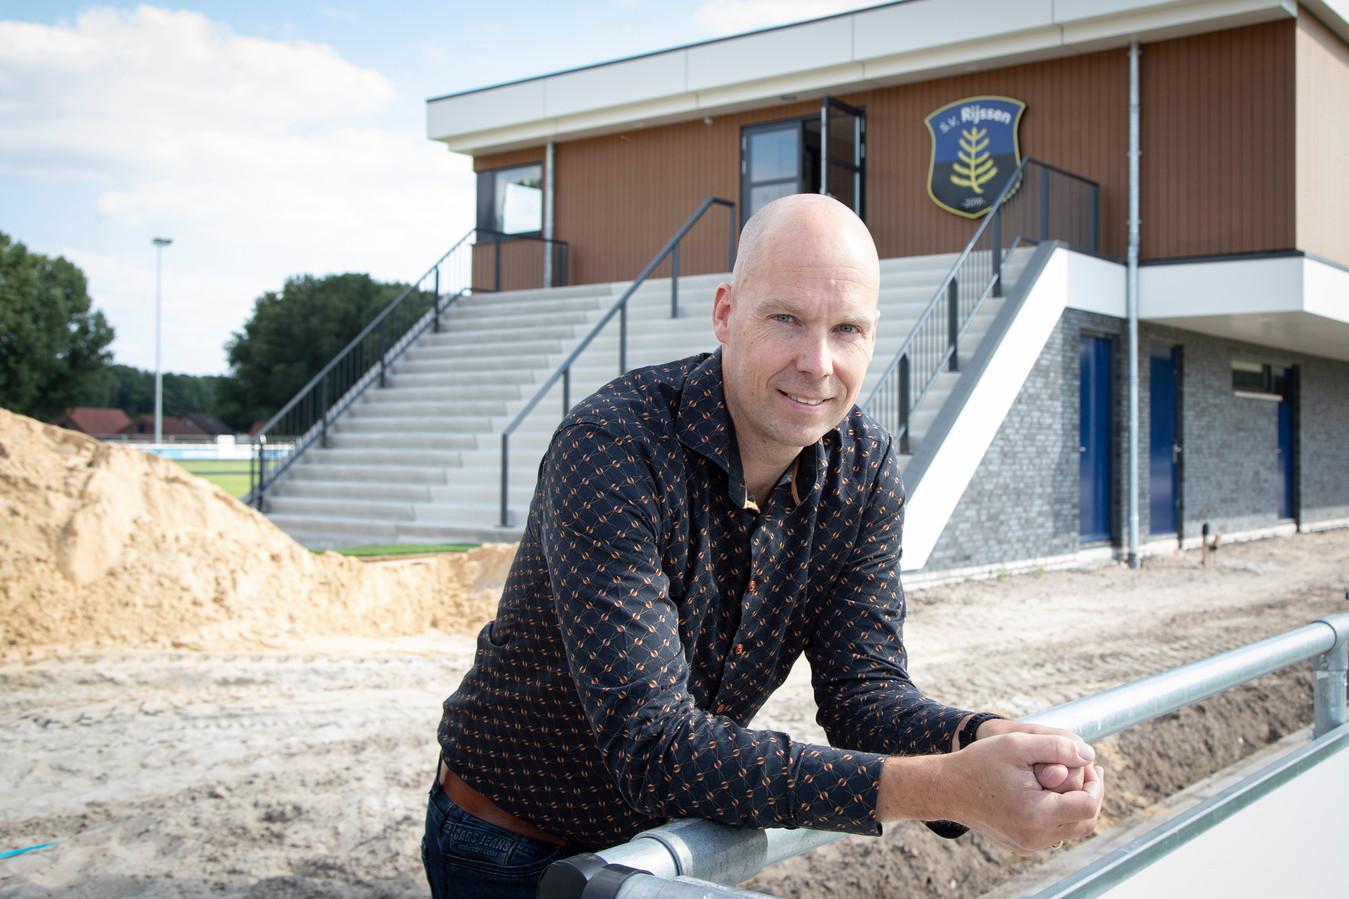 Voetbalclub SV Rijssen opent binnenkort het nieuwe clubgebouw. Voorzitter Wouter Beumer brengt de twee rivaliserende clubs samen.